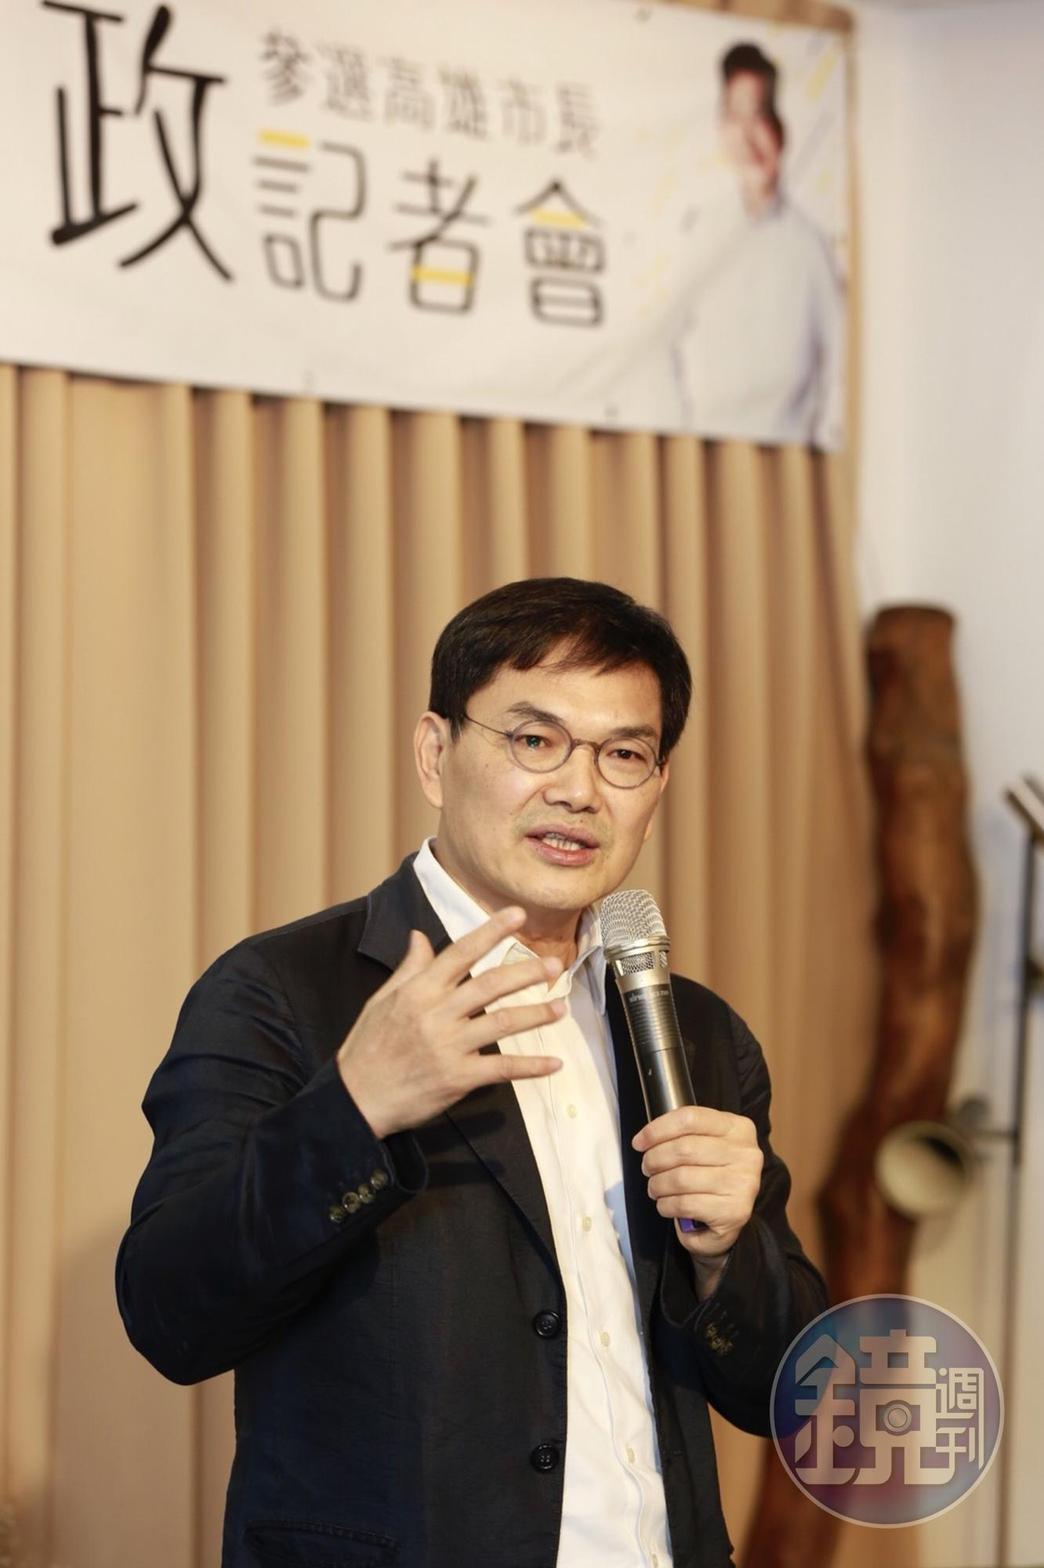 親民黨高雄市議員吳益政,宣布以無黨籍身分參選高雄市長選舉。